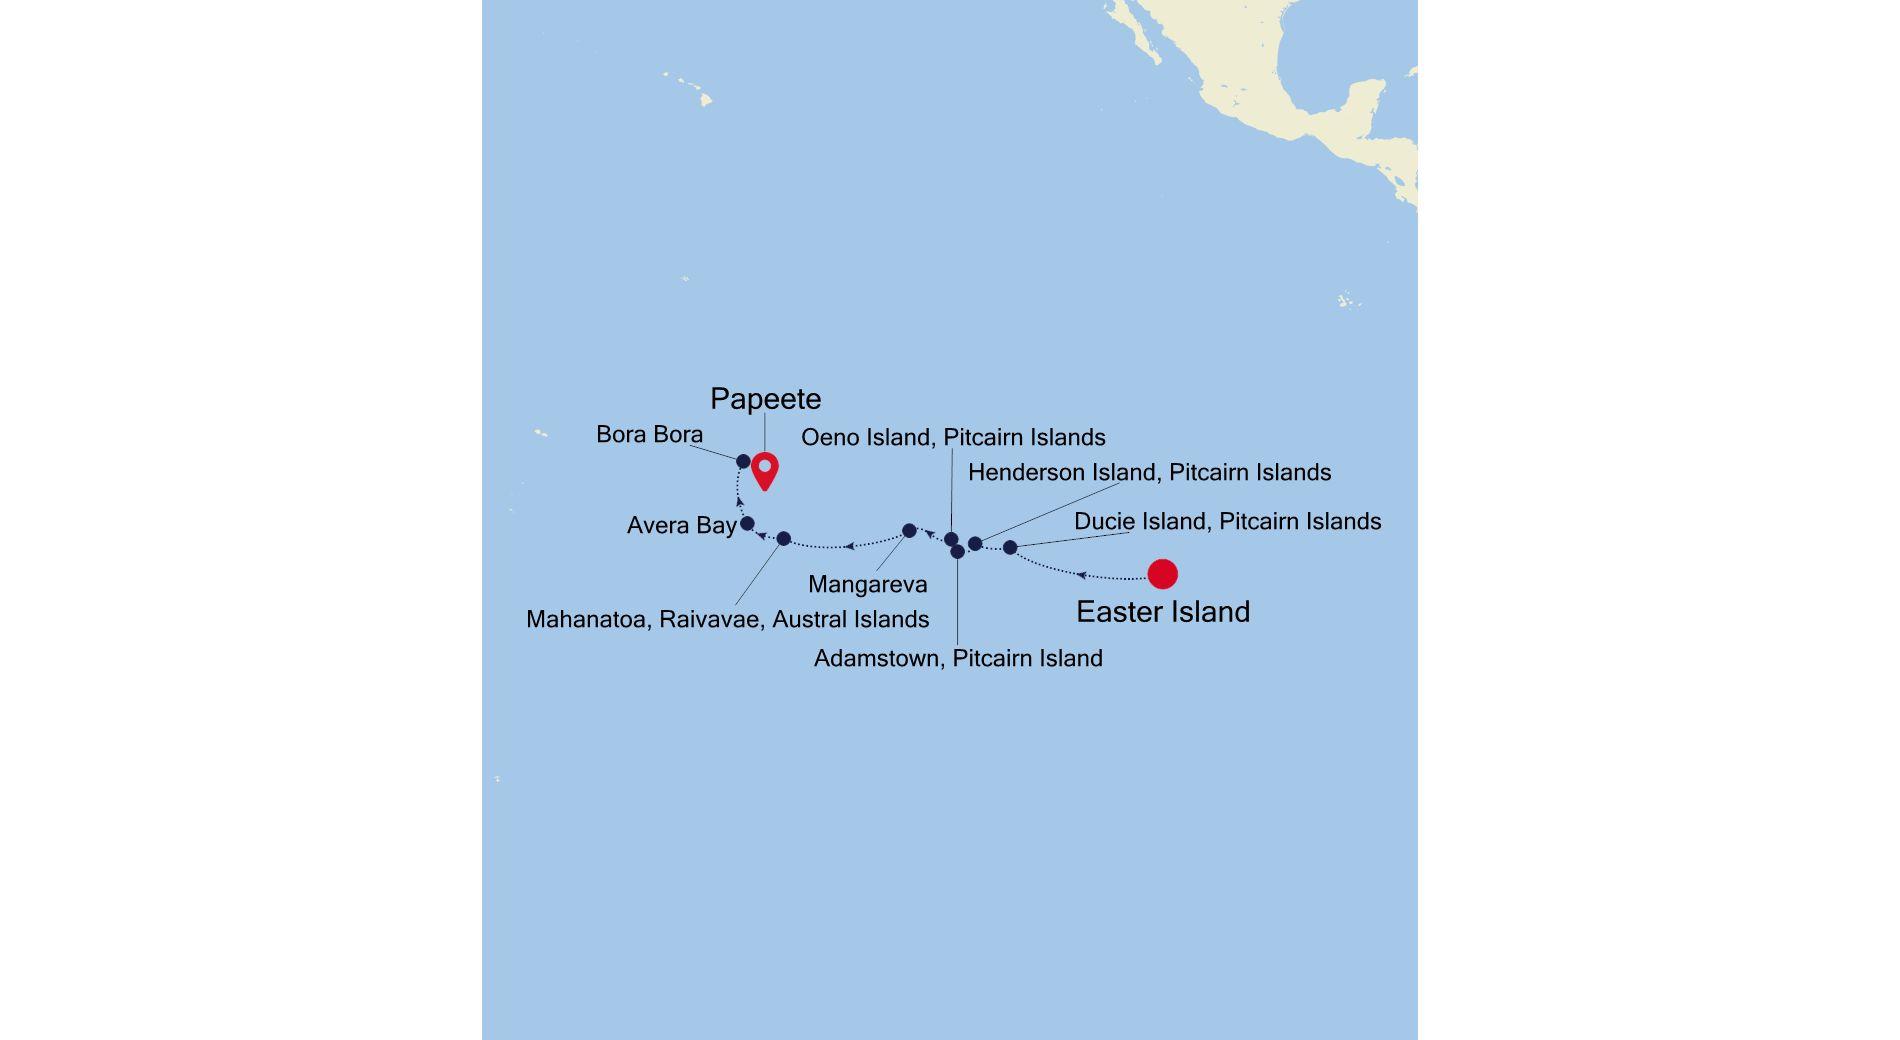 E1201117014 - Easter Island à Papeete